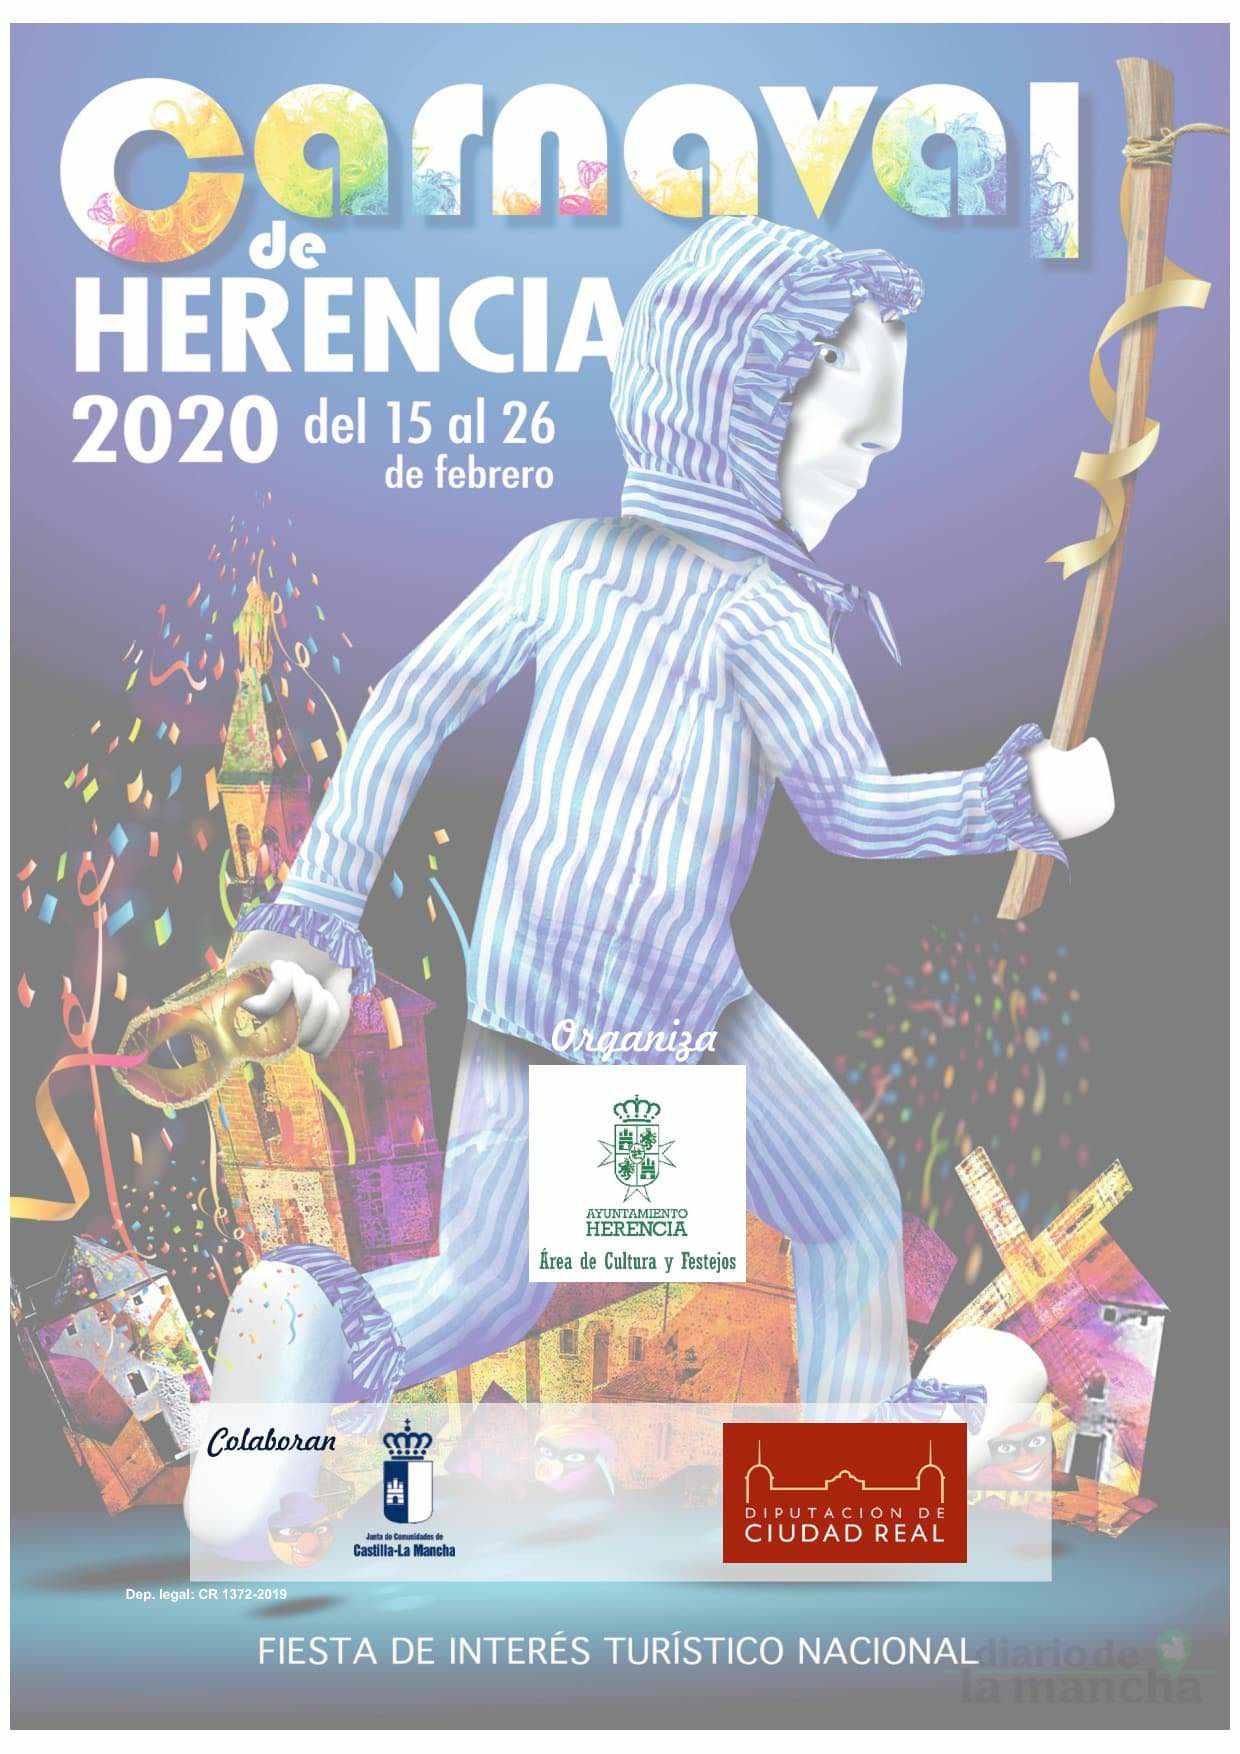 El actor Salva Reina pregonará un Carnaval de Herencia de Interés Turístico Nacional 30